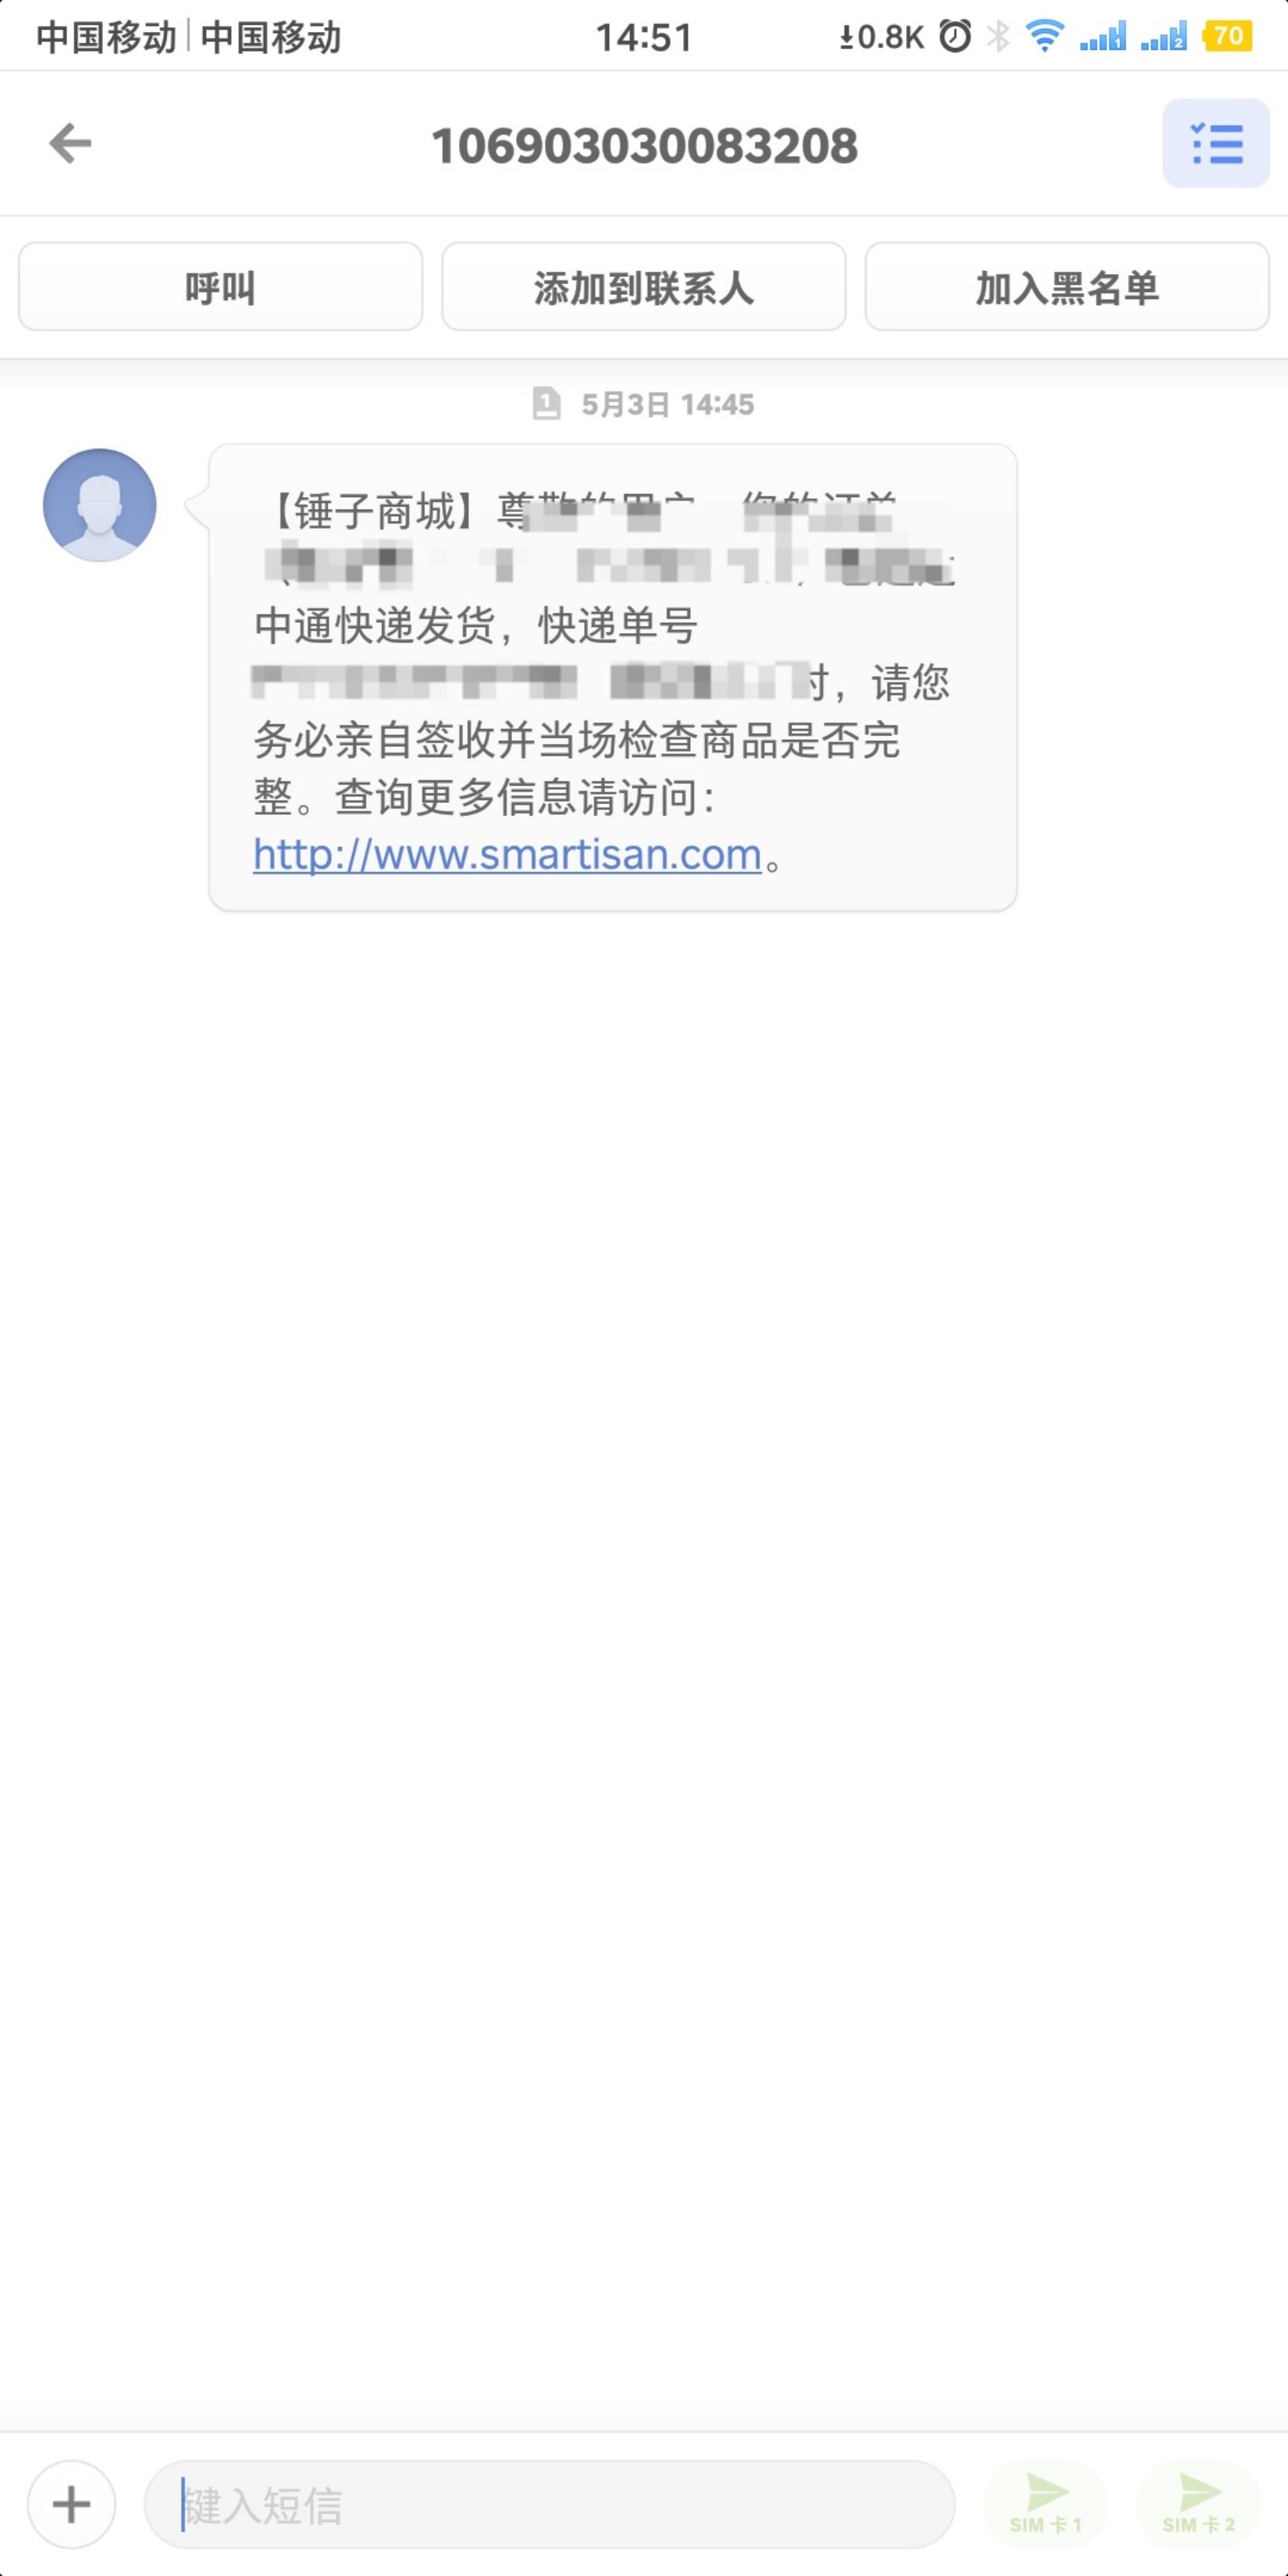 ??_Screenshot_2021-05-03-14-51-23-619_??.jpg